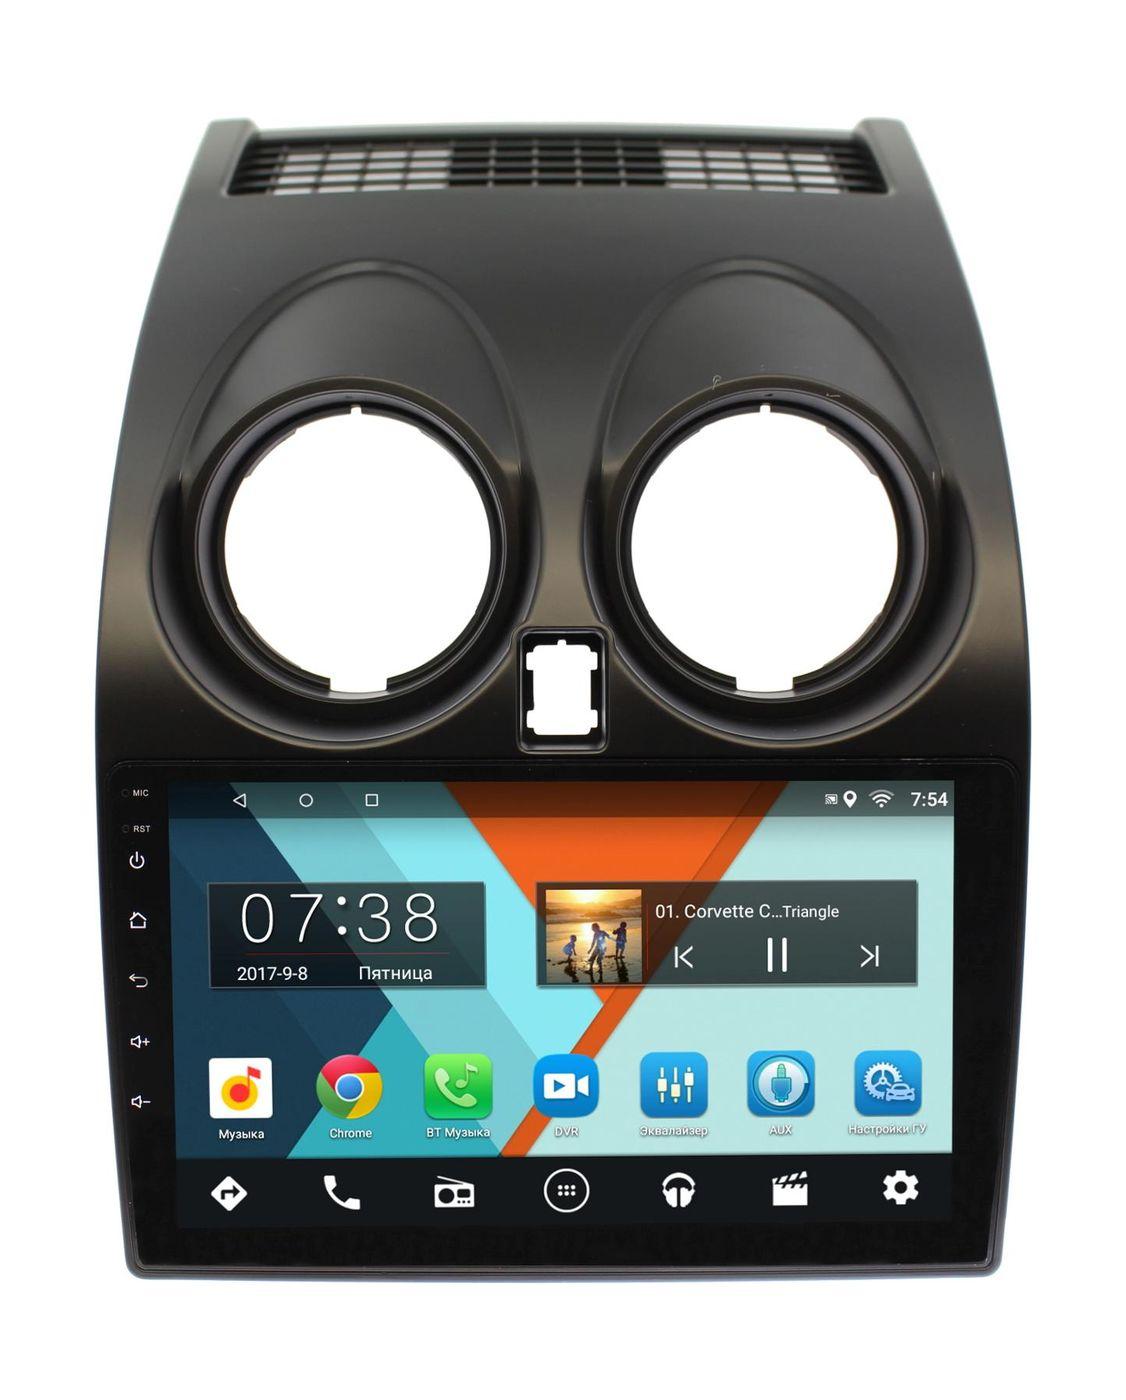 Штатная магнитола Wide Media MT9007MF для Nissan Qashqai I 2007-2013 на Android 6.0.1